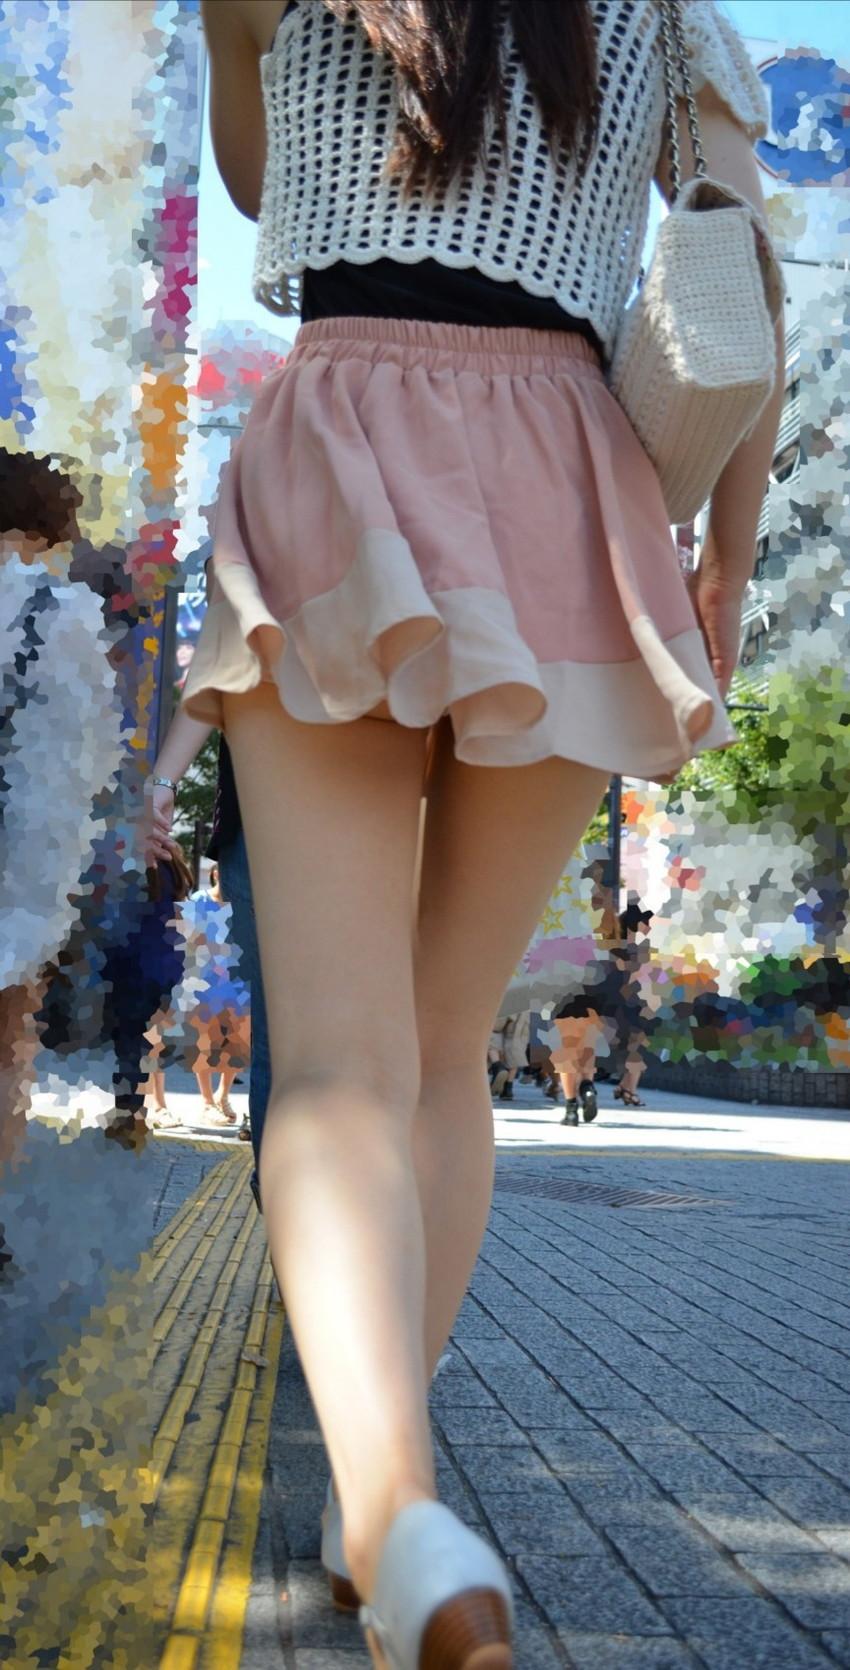 【街撮り美脚エロ画像】街中で見かけた美脚な女の子の画像集めたったwww 22